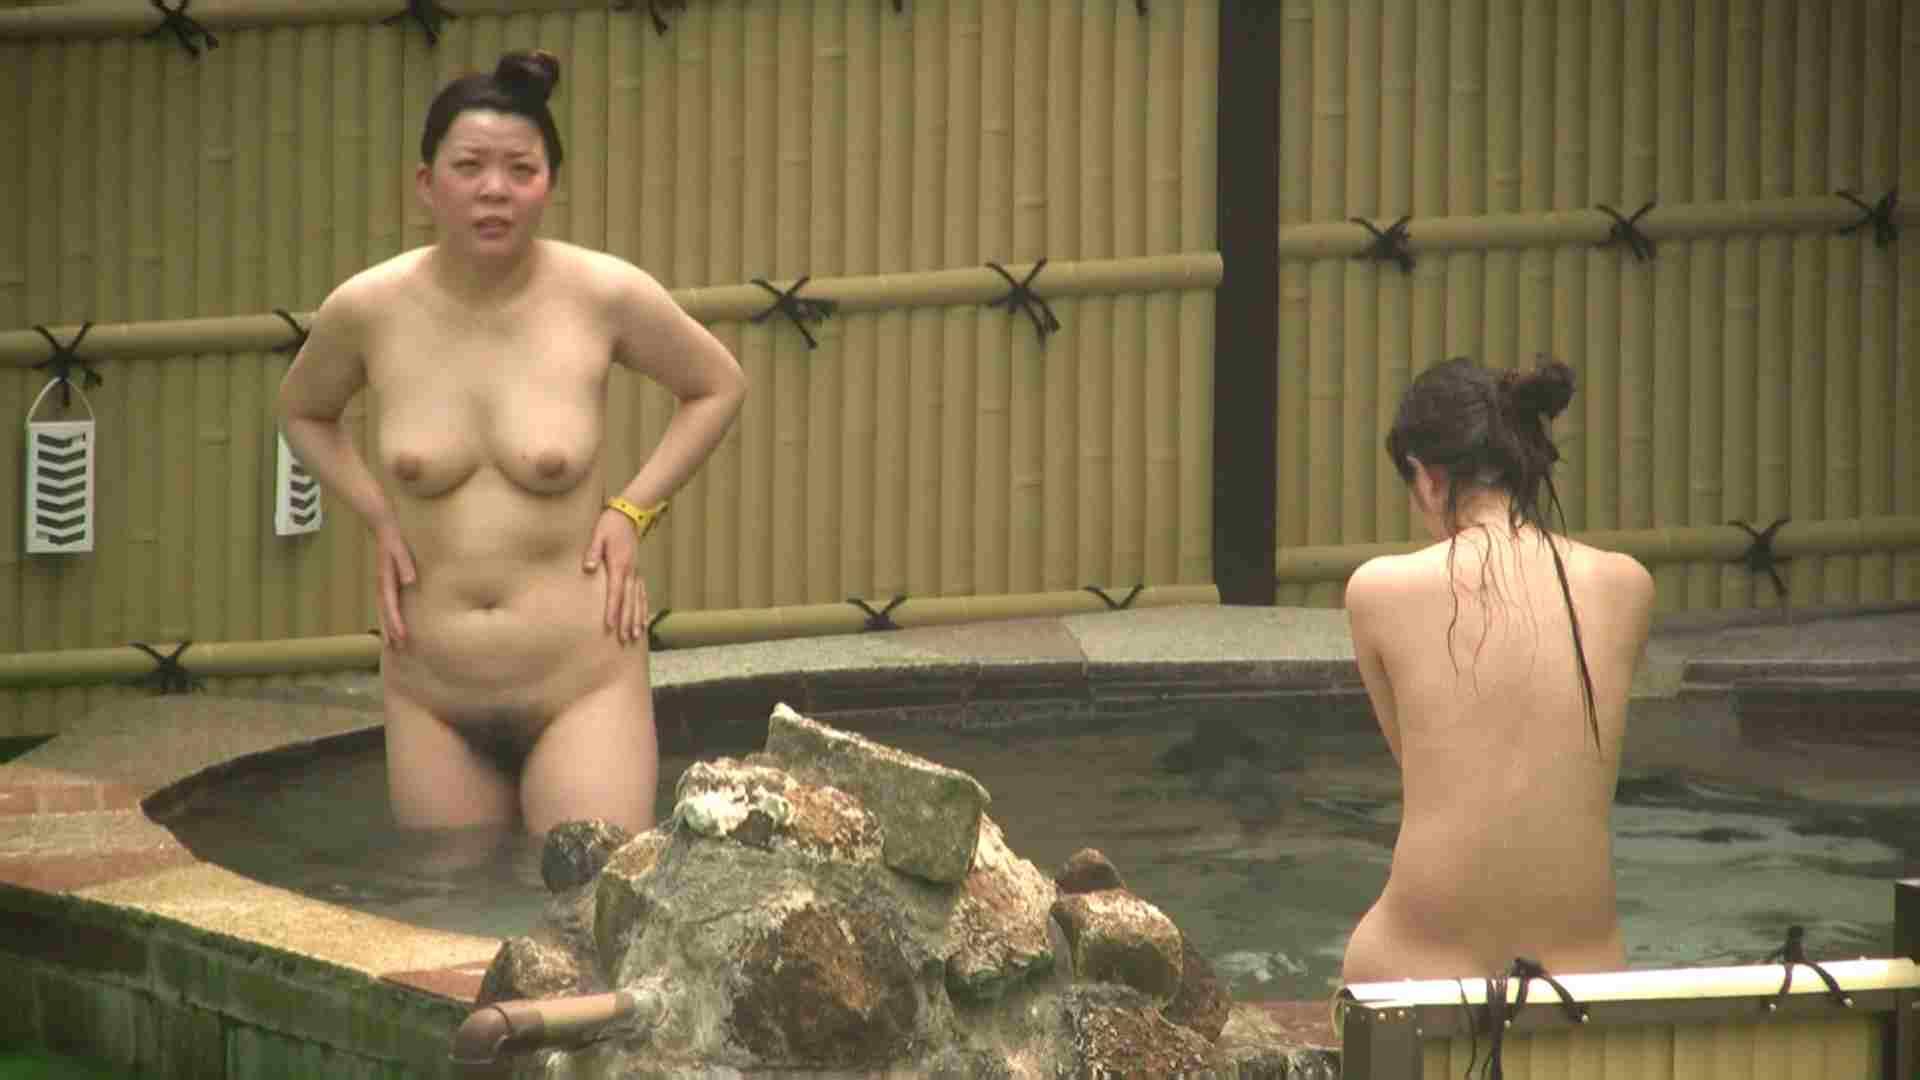 高画質露天女風呂観察 vol.022 入浴隠し撮り  95pic 70